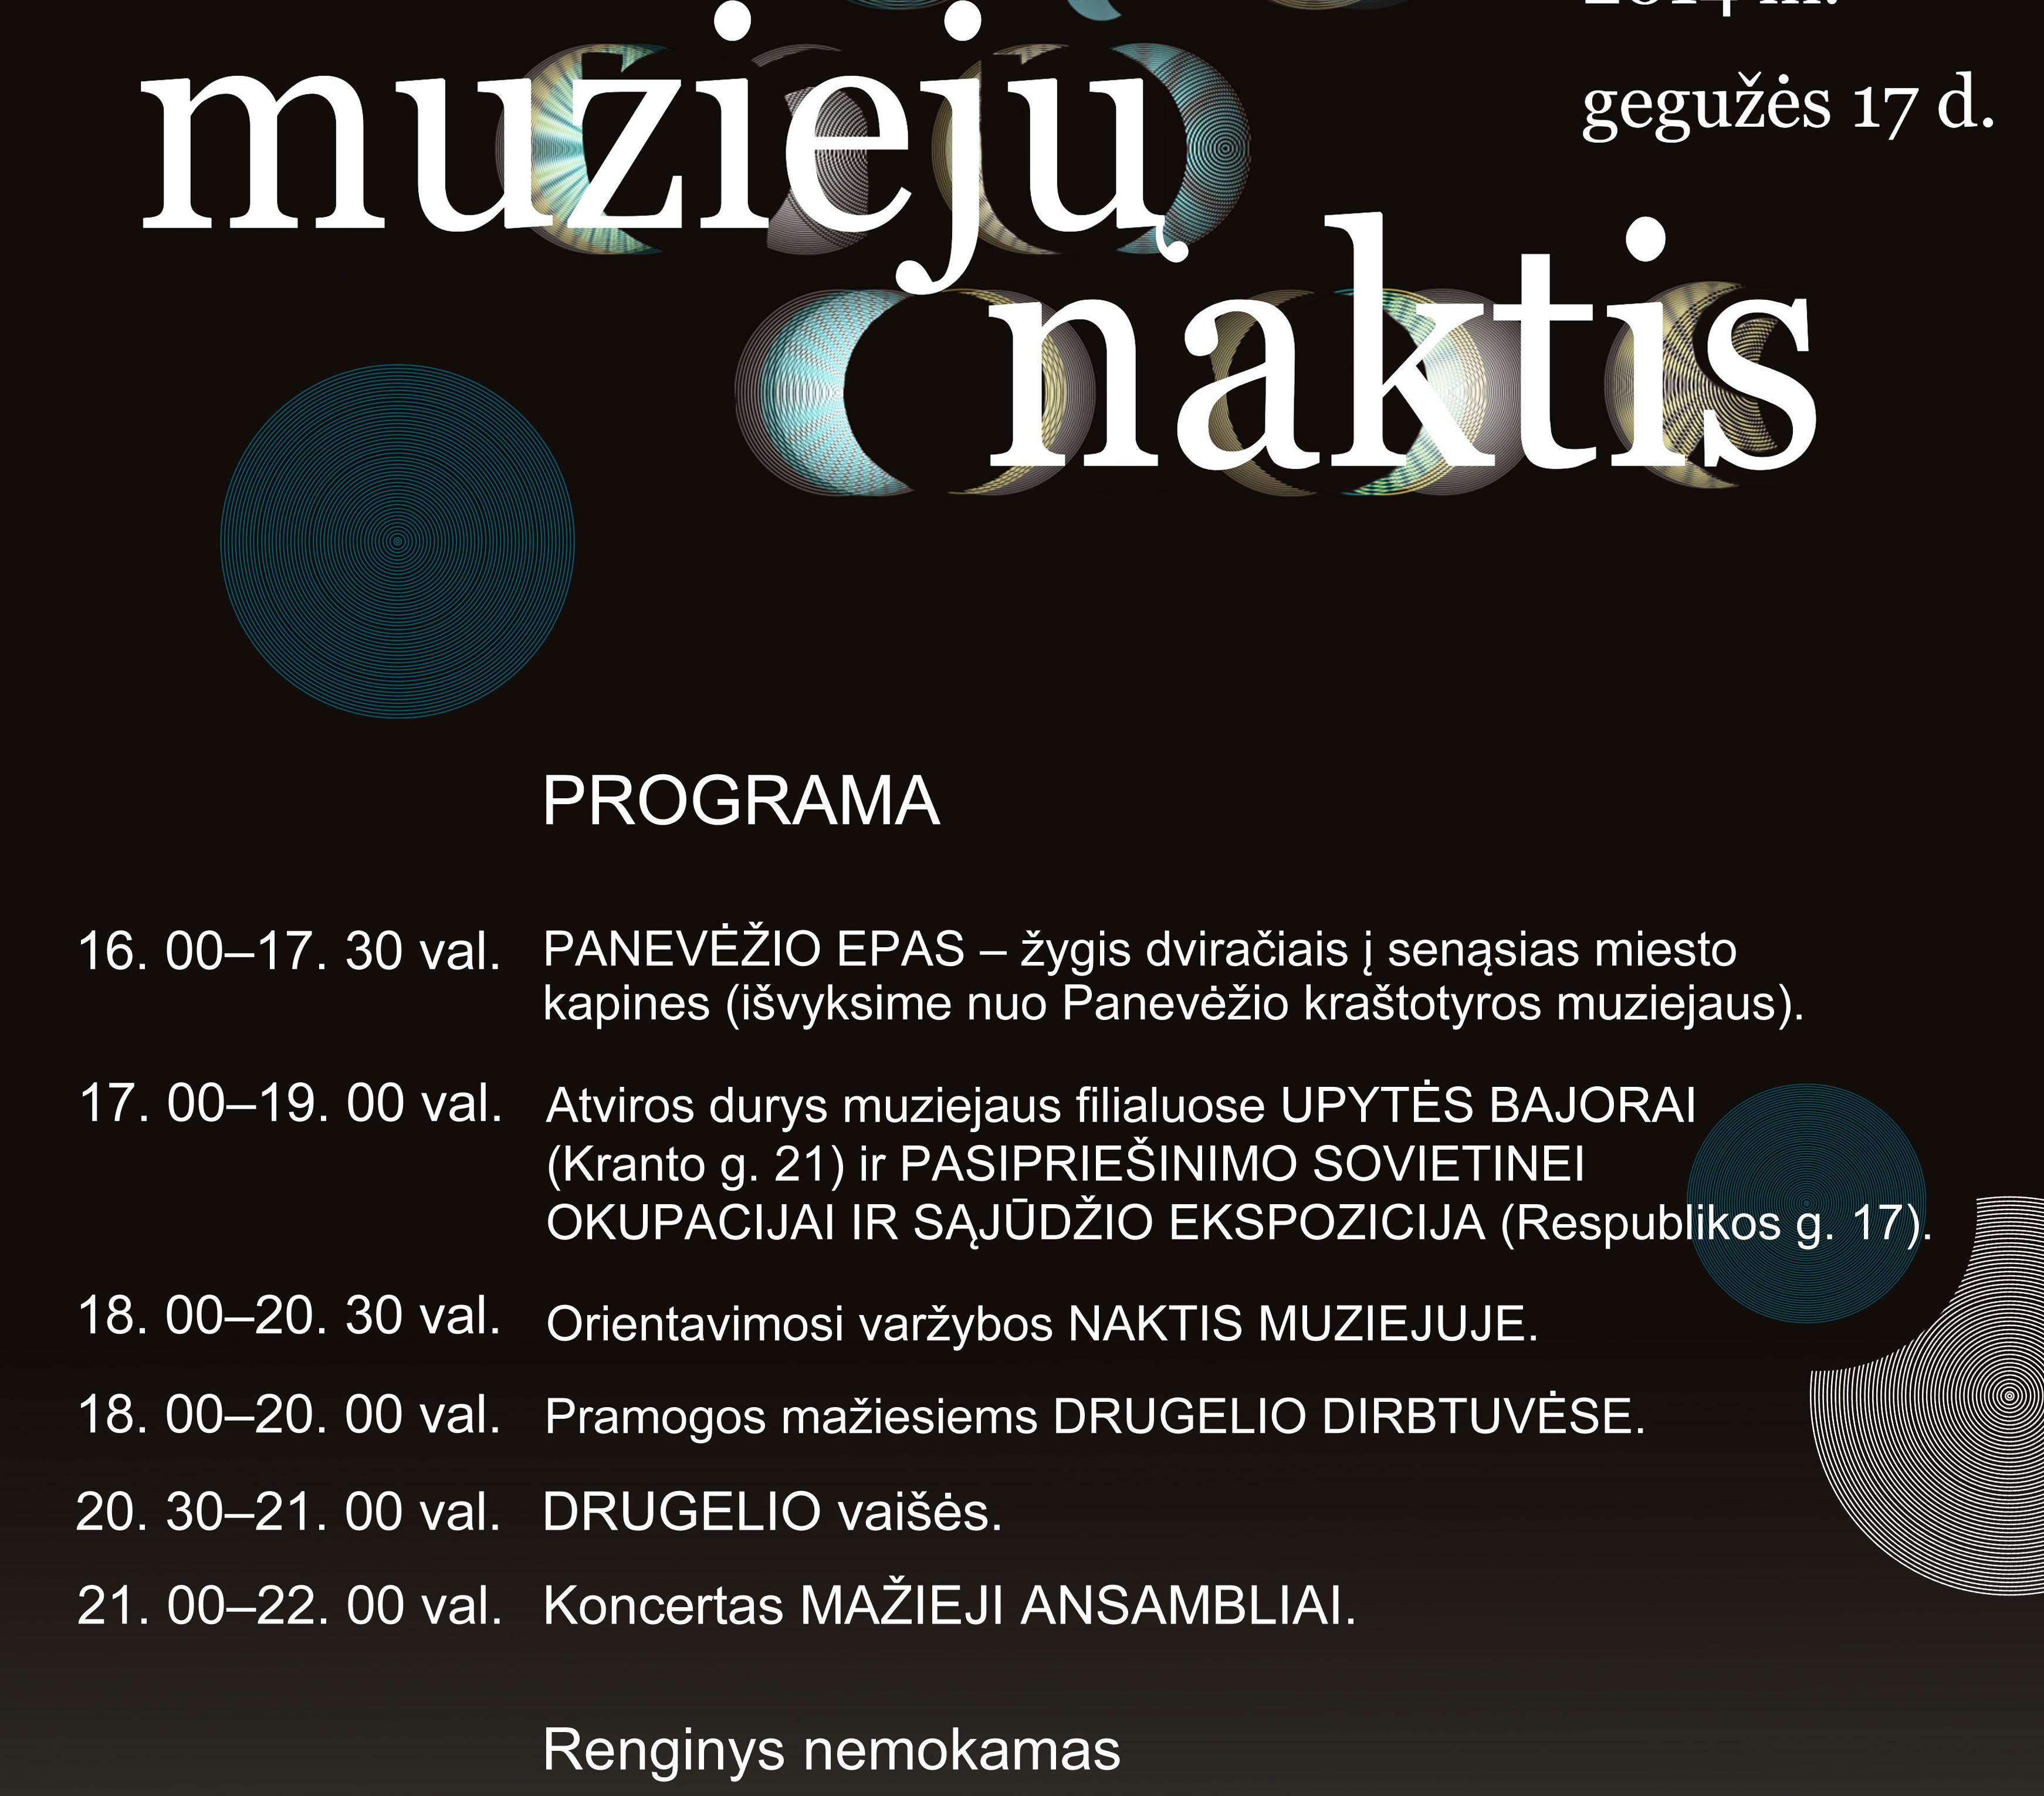 Muzieju naktis Panevezyje